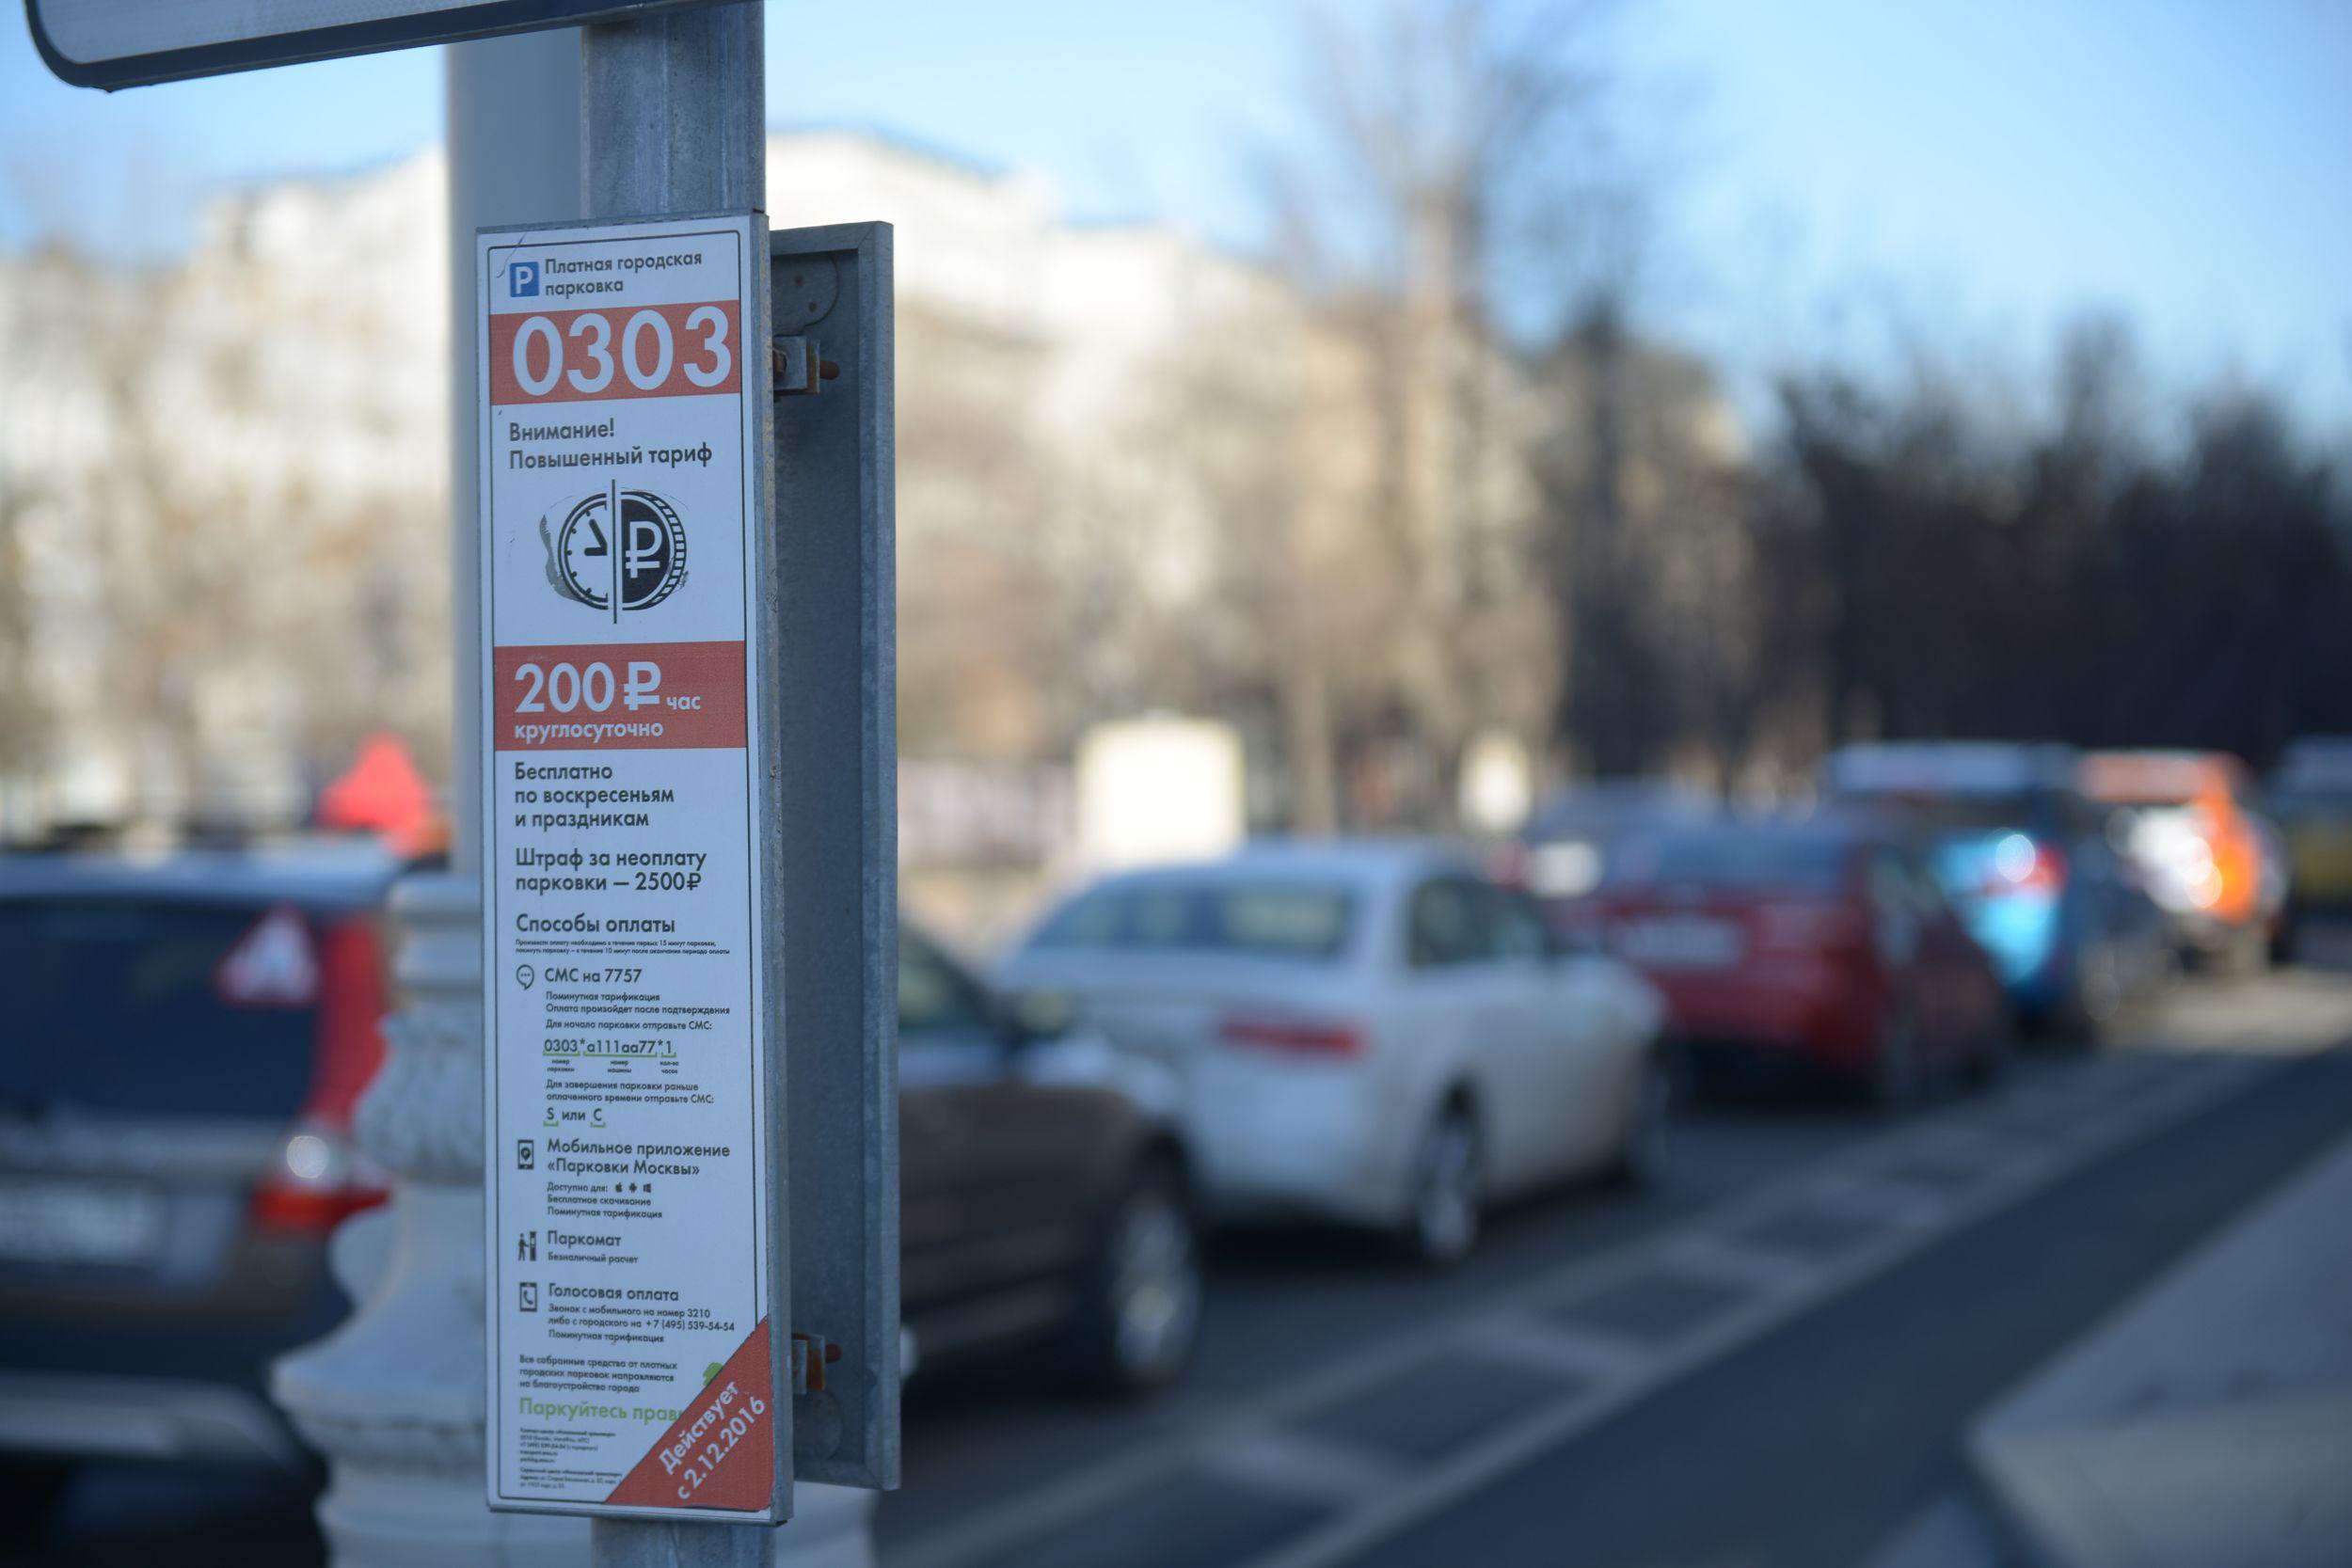 Более 300 инспекторов наделили правом штрафовать за неоплату парковки в Москве